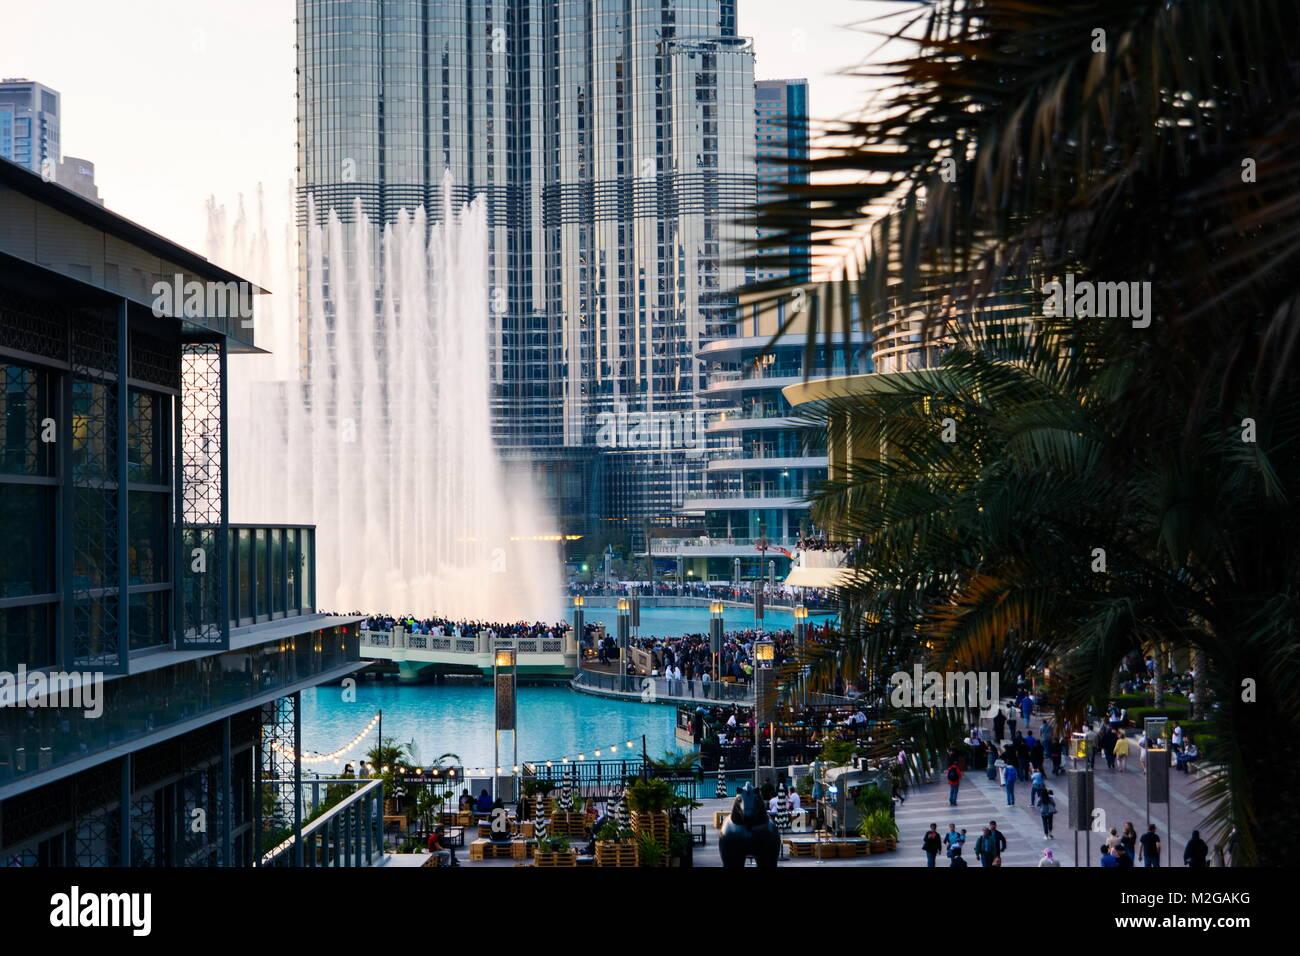 DUBAI, VEREINIGTE ARABISCHE EMIRATE - Februar 5, 2018: Menschenmenge versammelt sich um die Dubai Mall Brunnen auf Stockbild